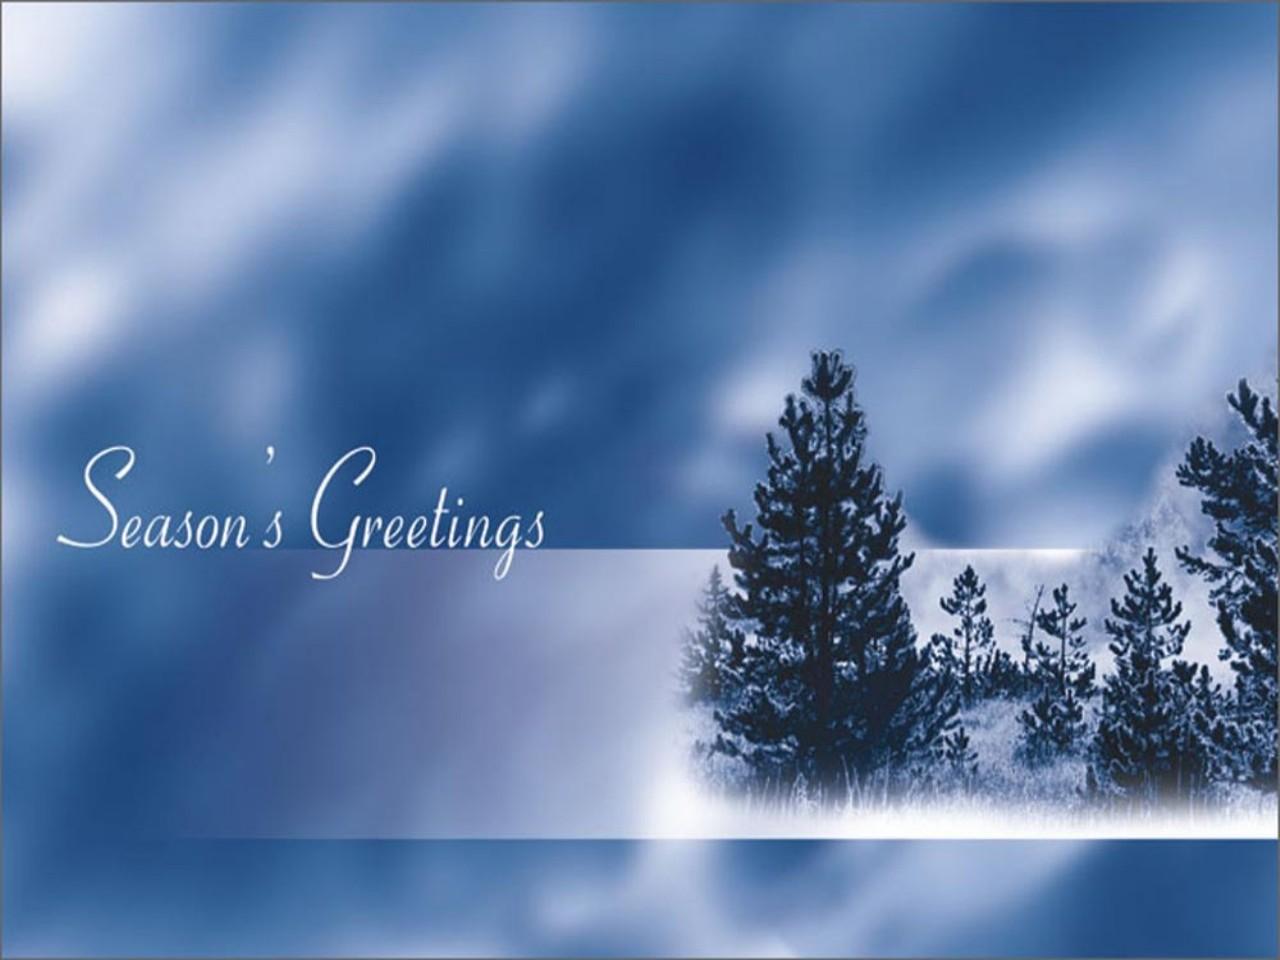 Seasons Greetings Wallpaper Wallpapersafari